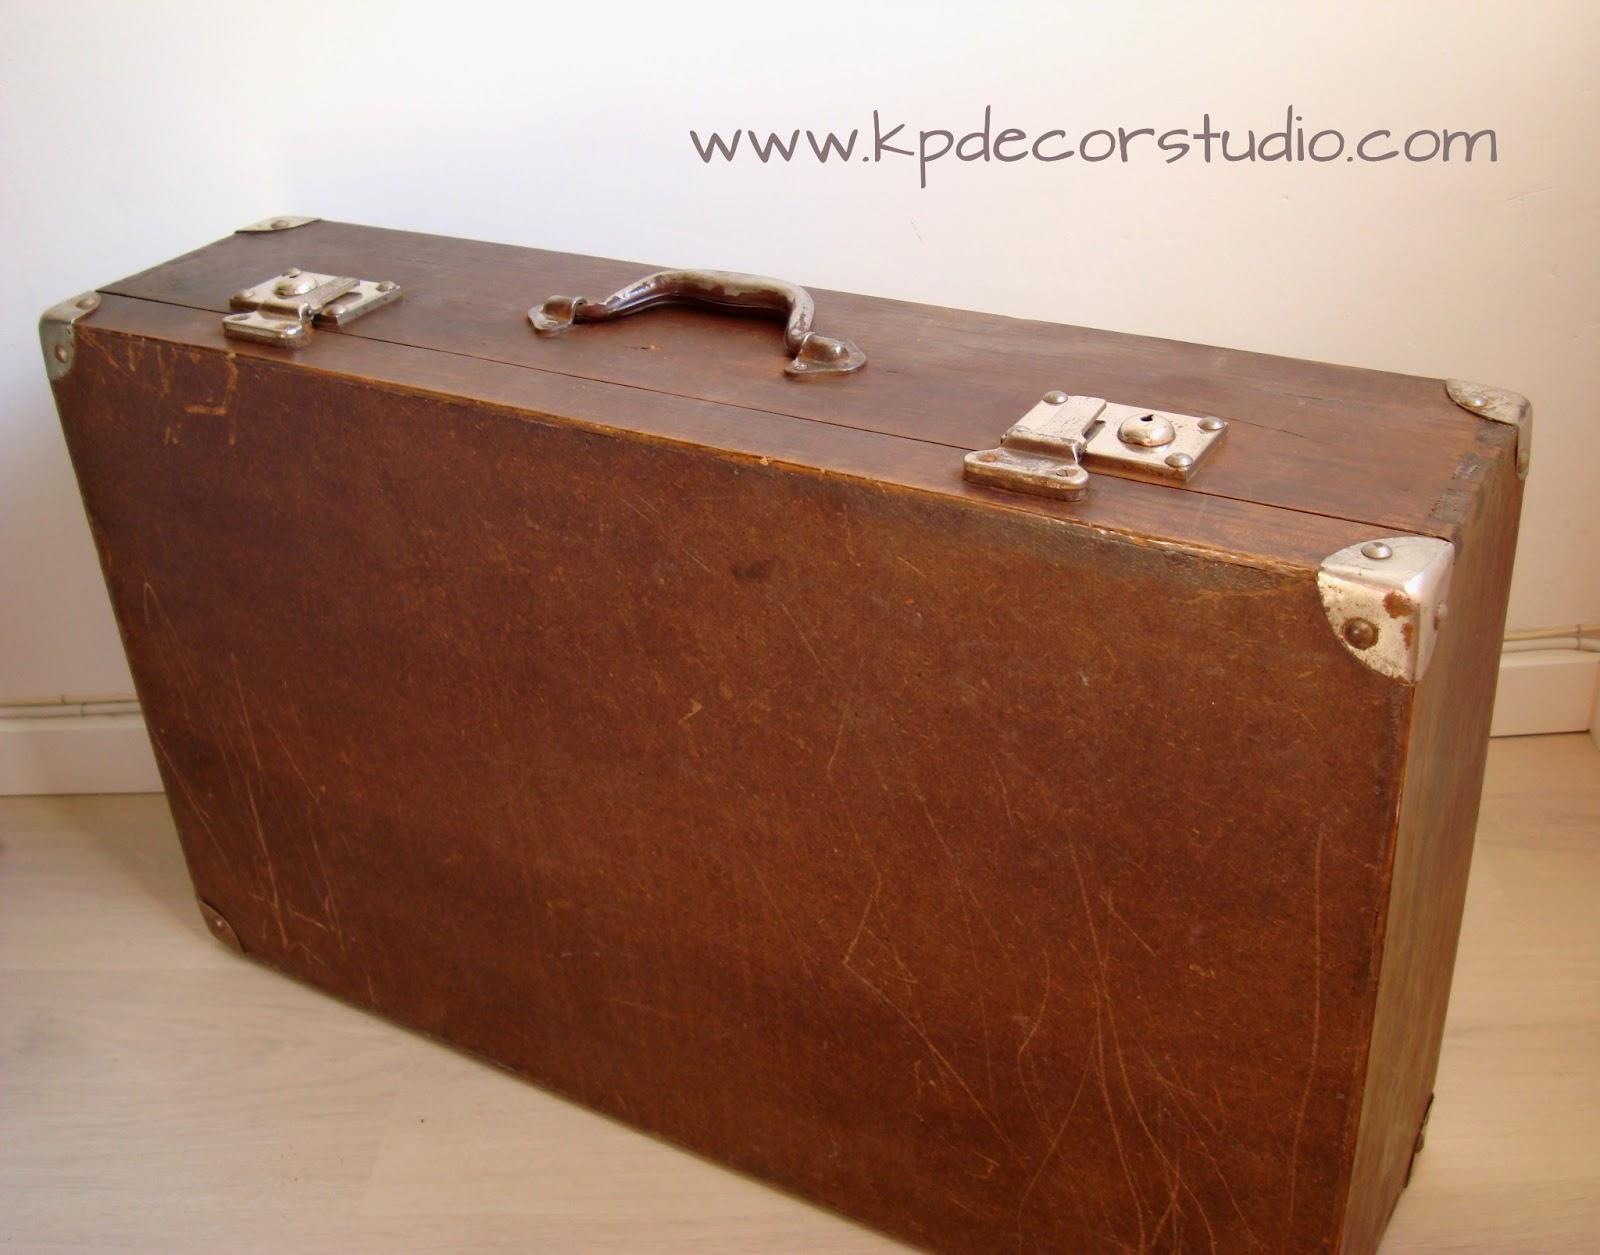 Kp tienda vintage online comprar maleta antigua para for Maletas vintage decoracion